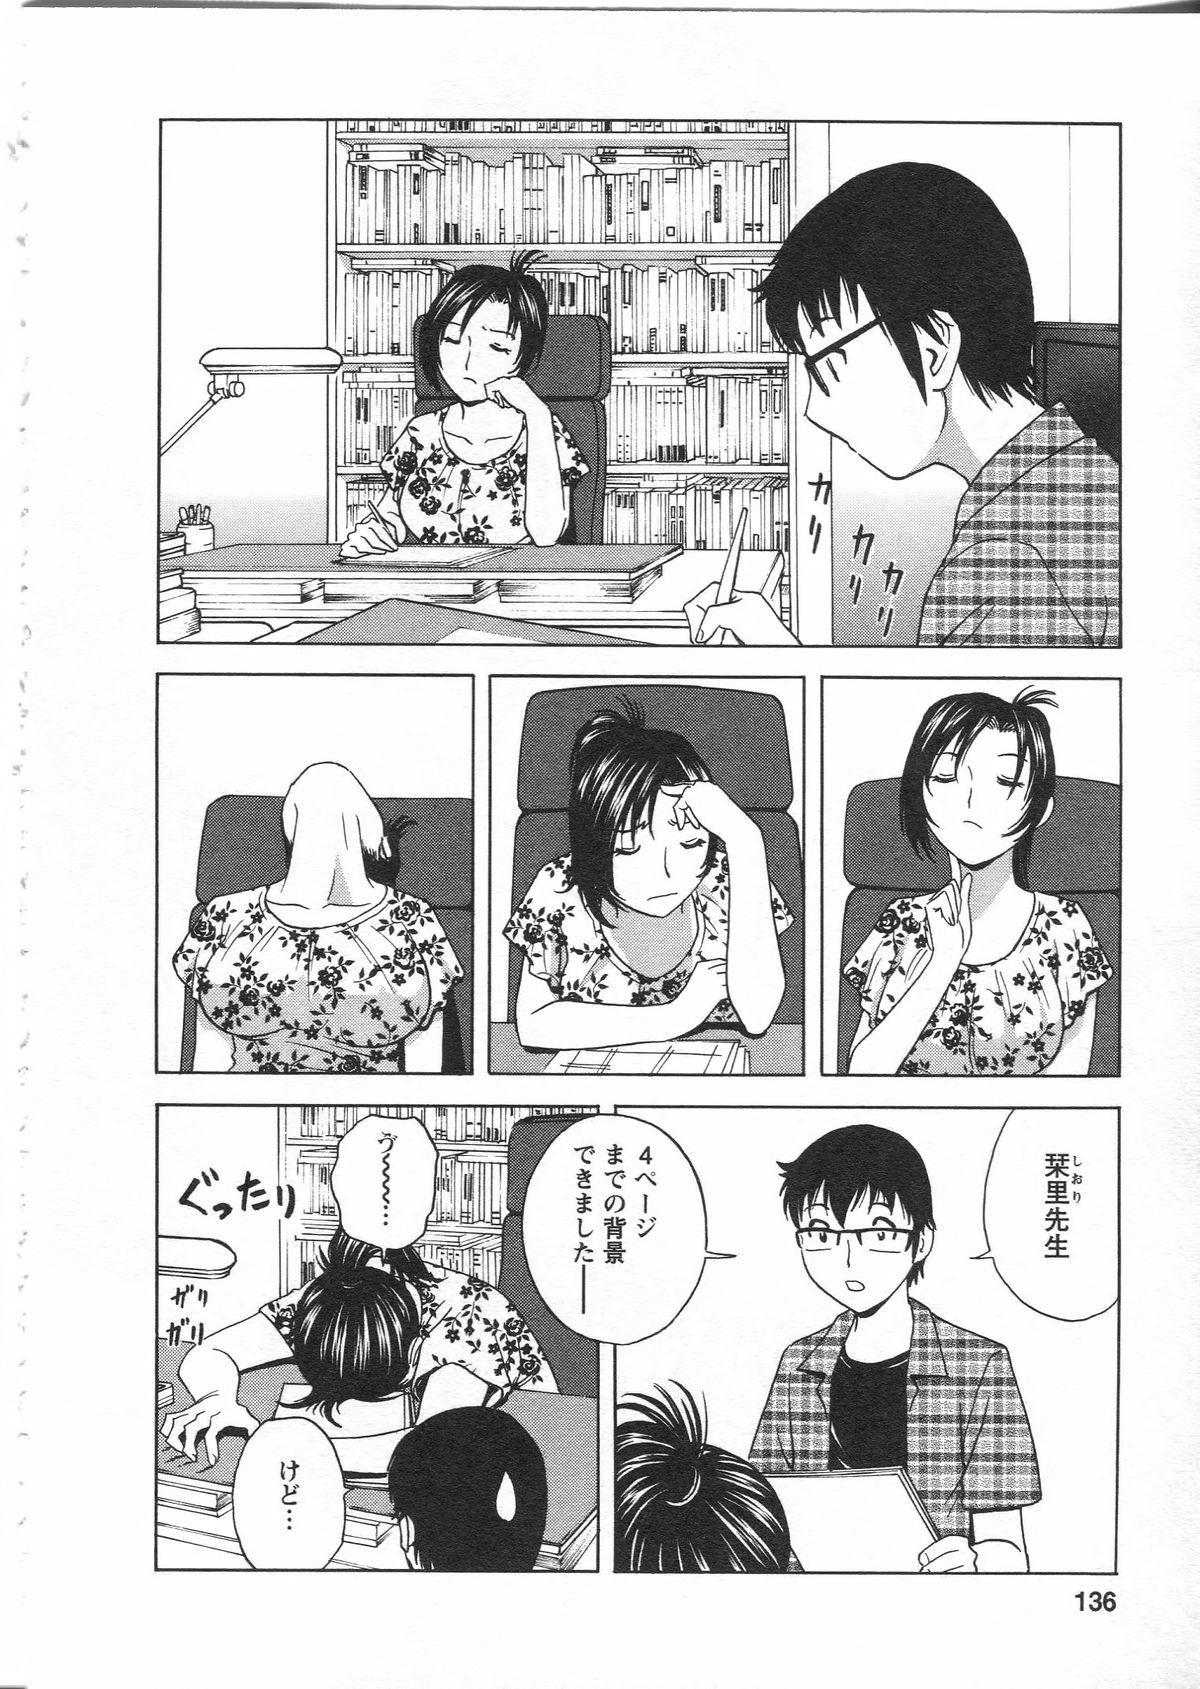 Manga no youna Hitozuma to no Hibi - Days with Married Women such as Comics. 135